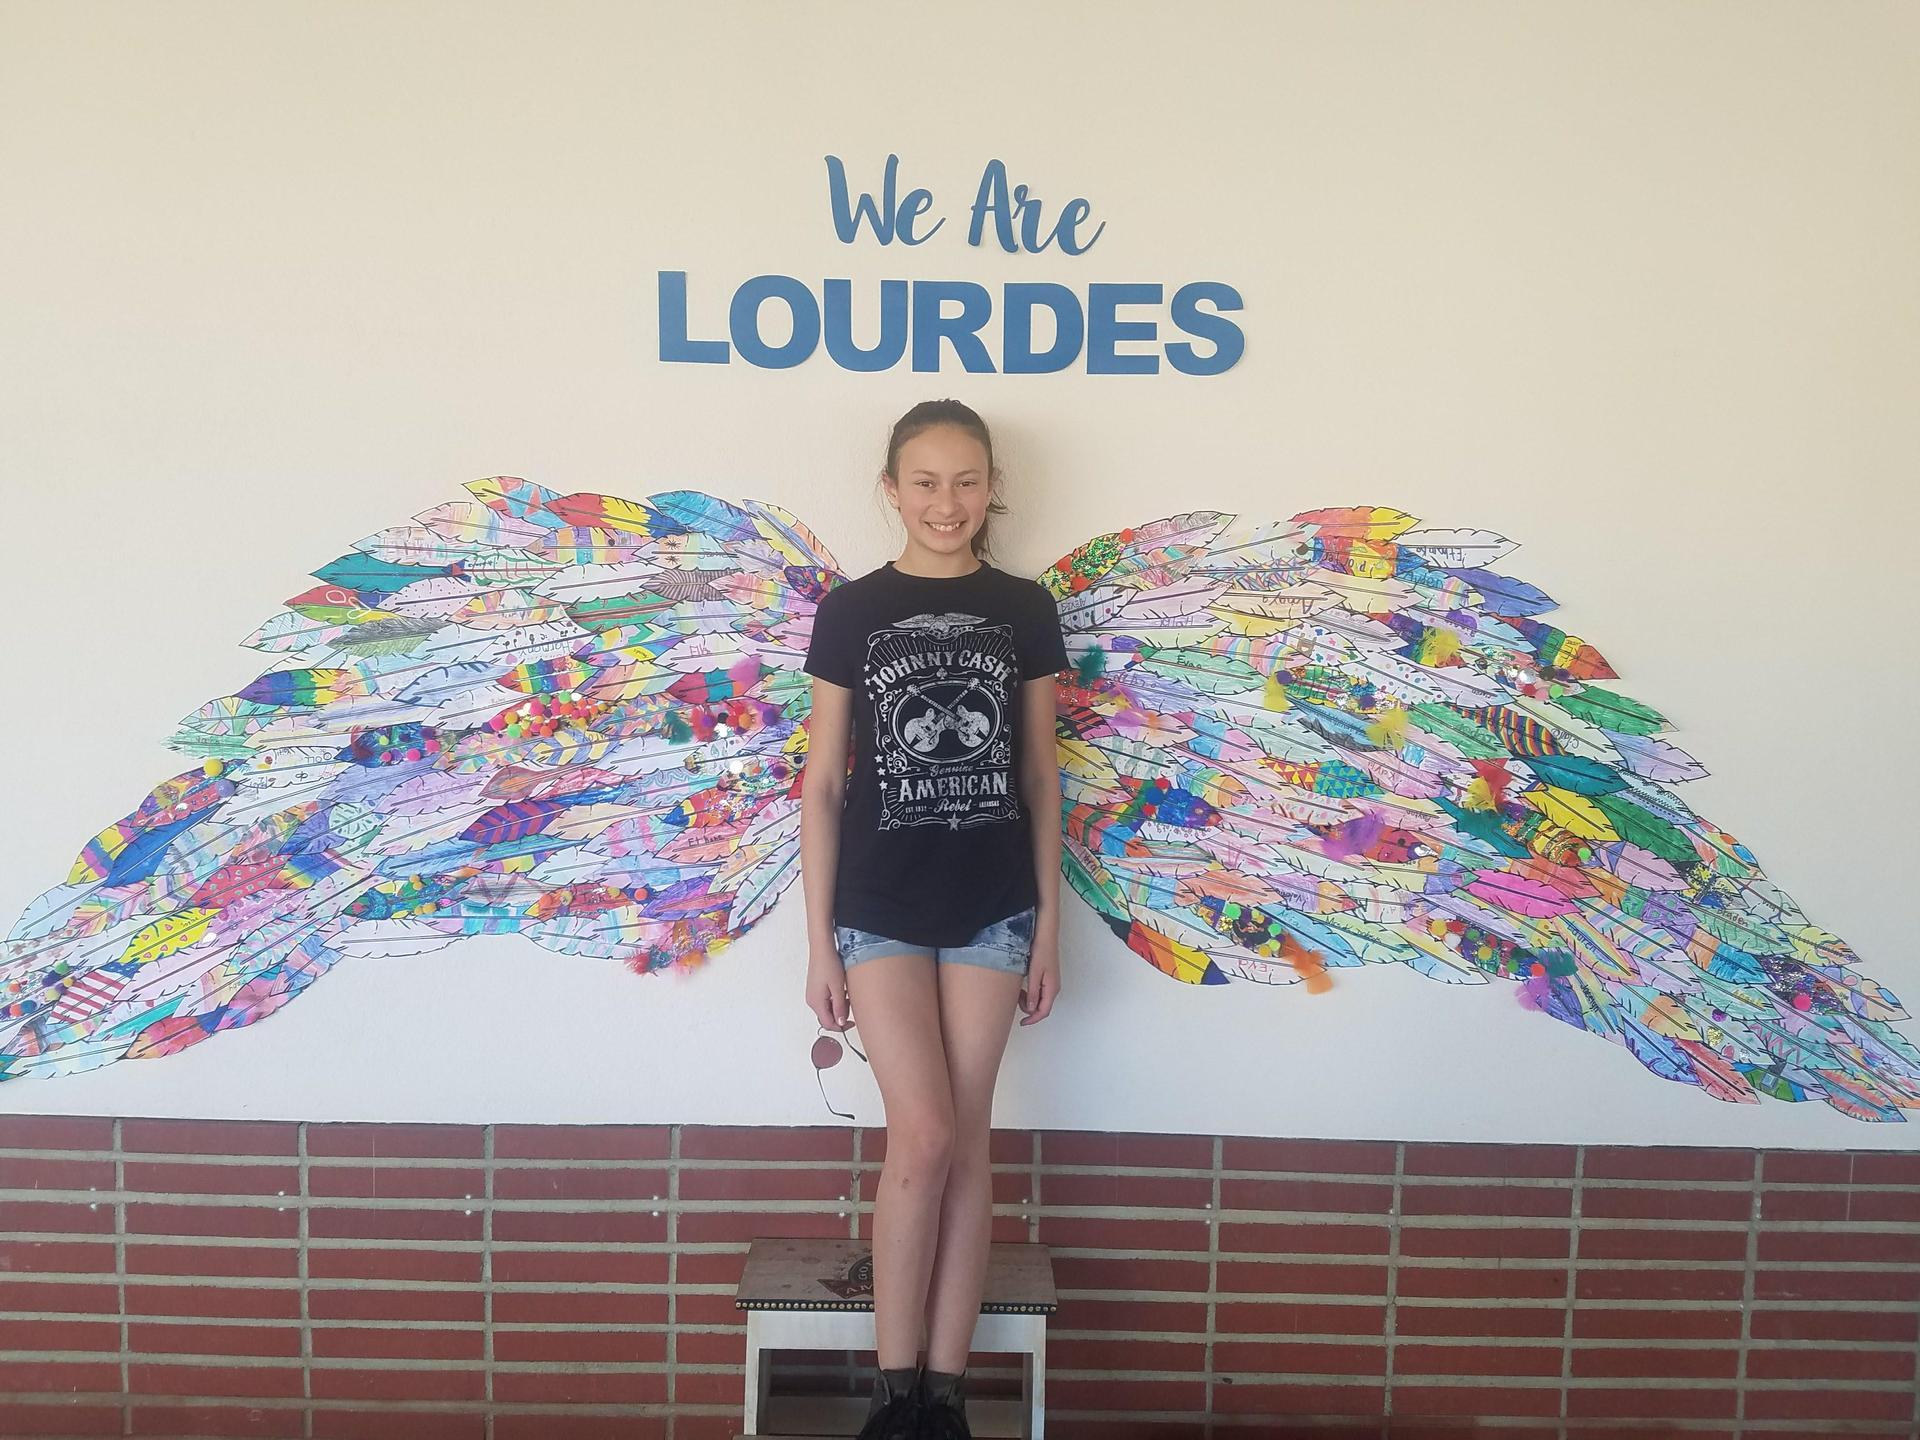 We are Lourdes.